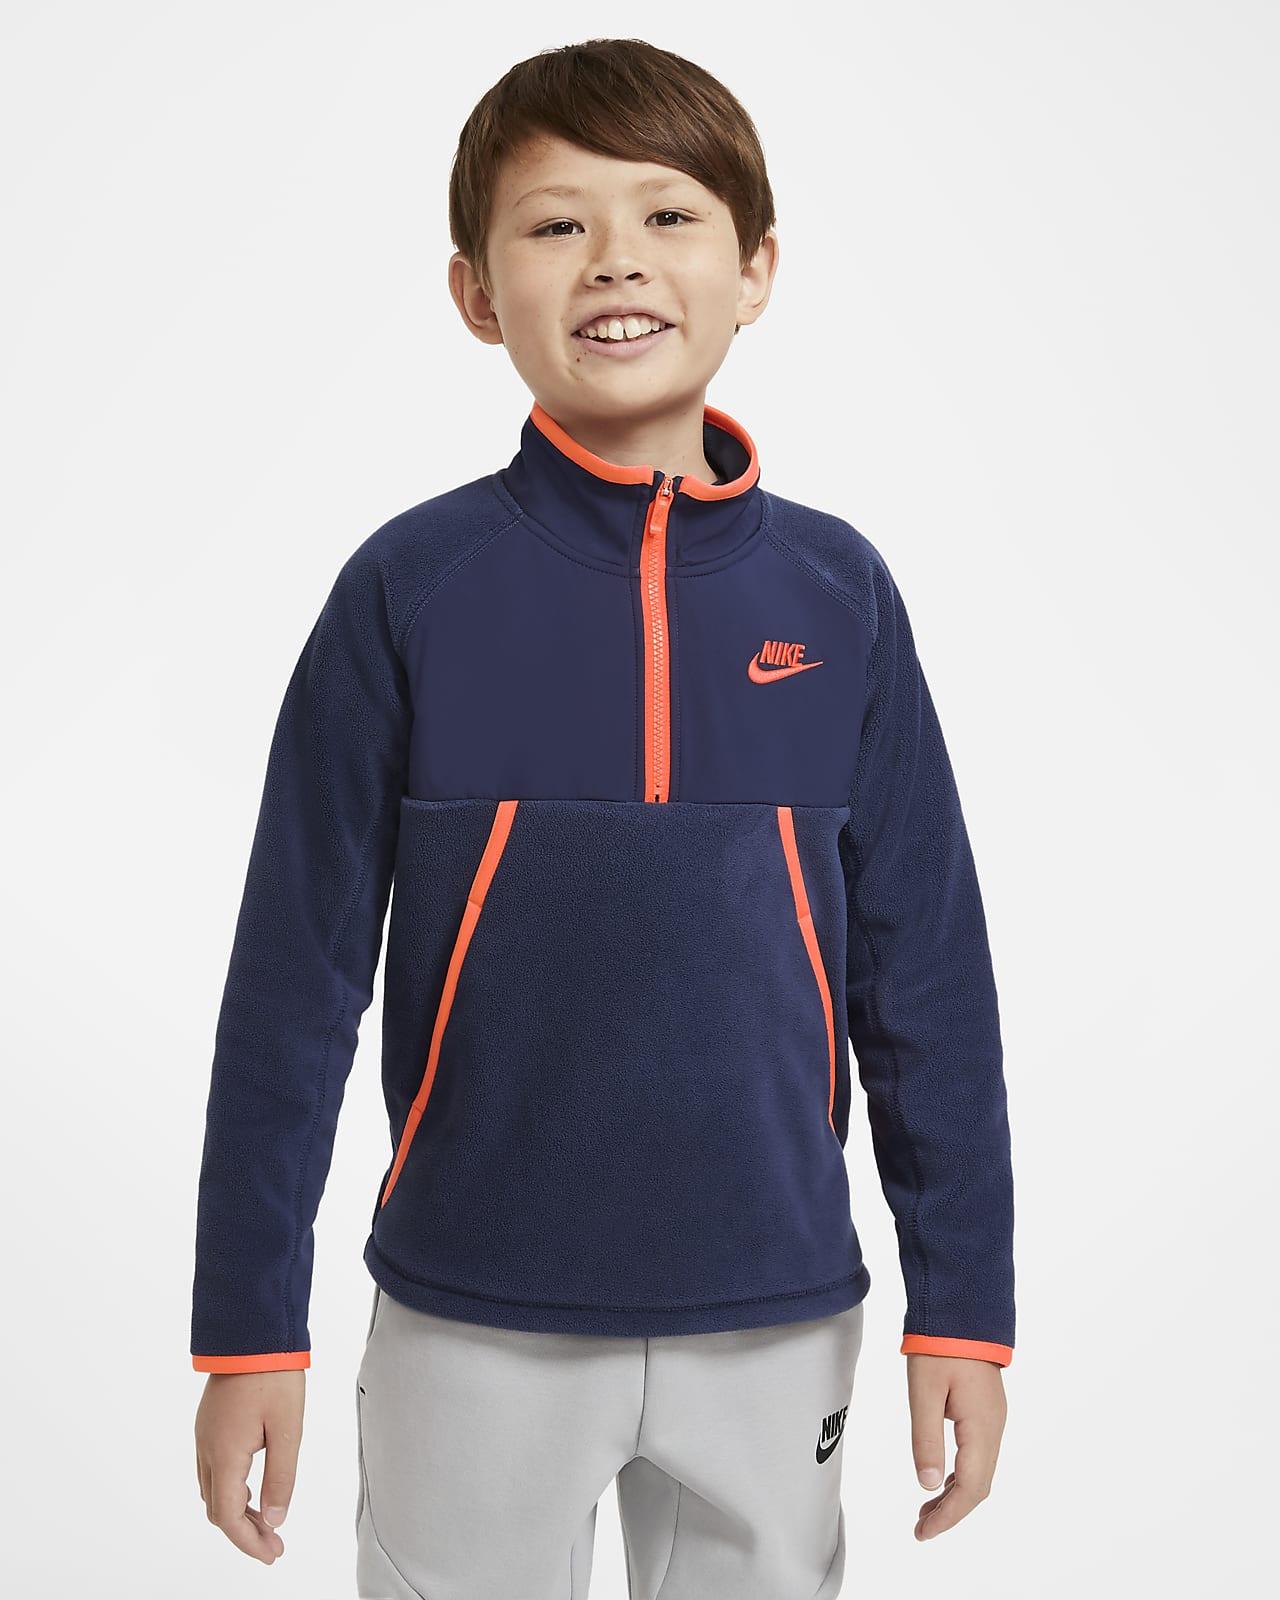 Nike Sportswear Winterized Yarım Fermuarlı Genç Çocuk (Erkek) Üstü